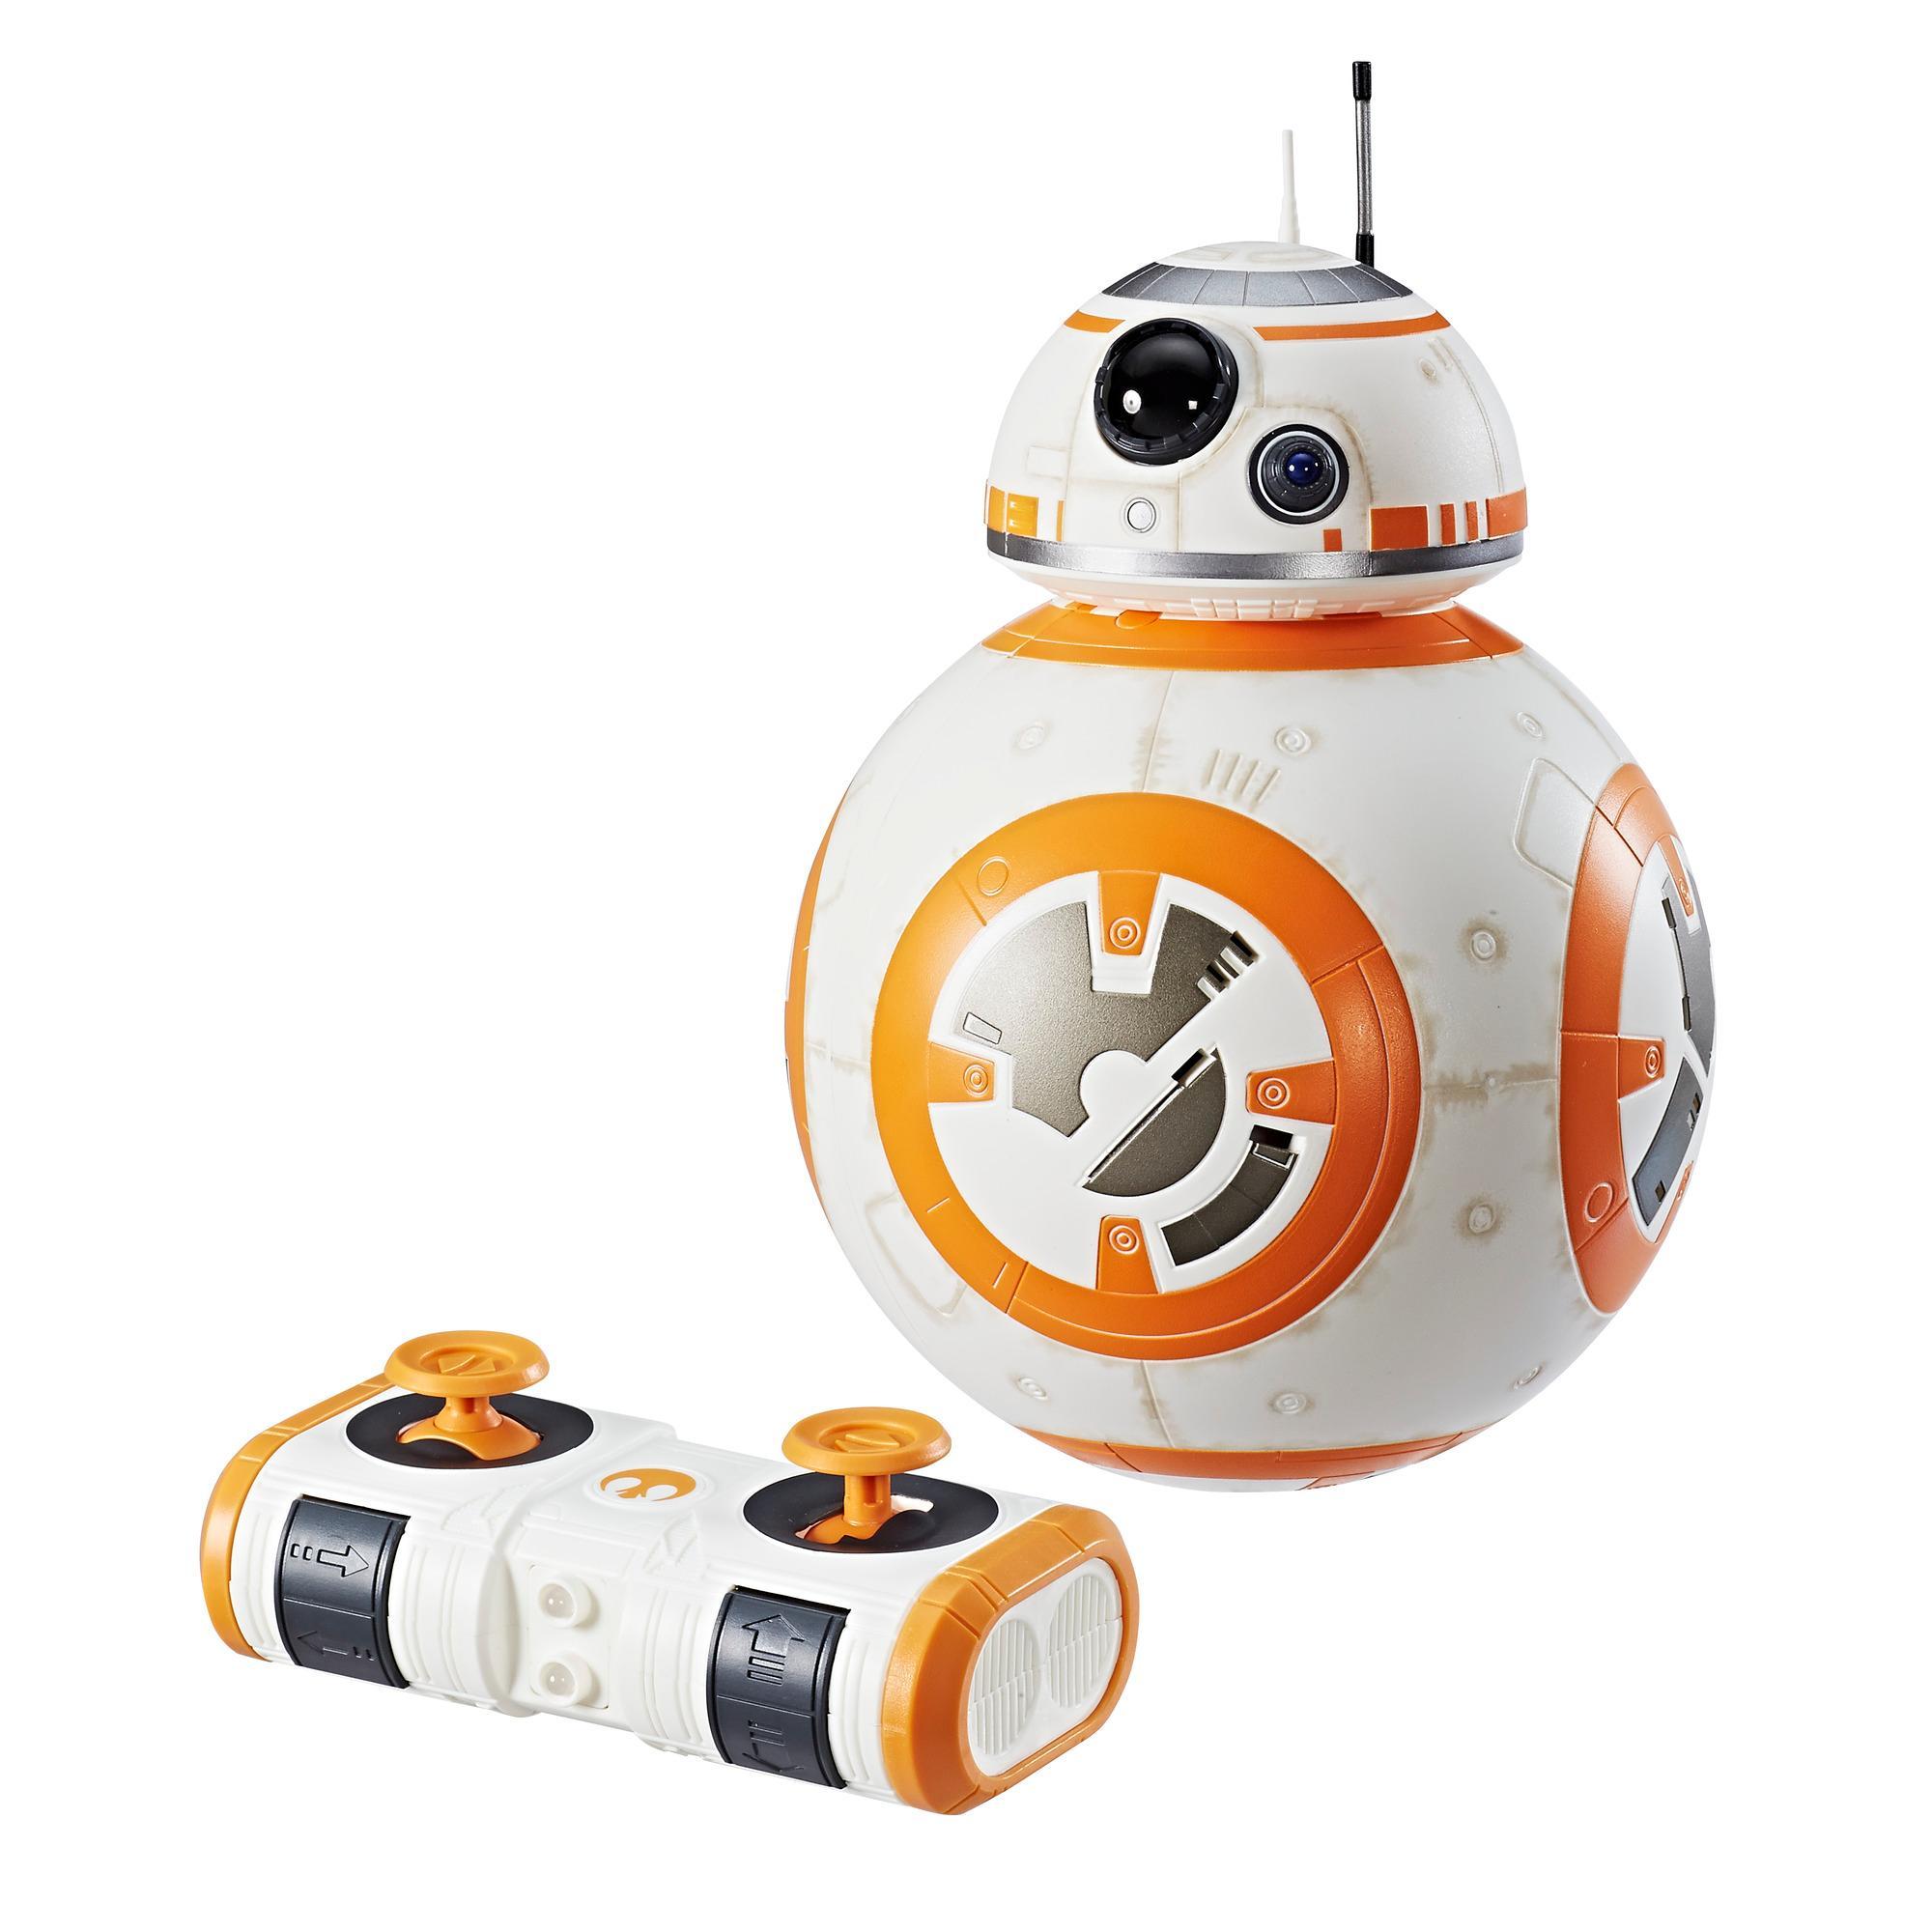 星際大戰電影8 BB-8聲光進化遙控機器人